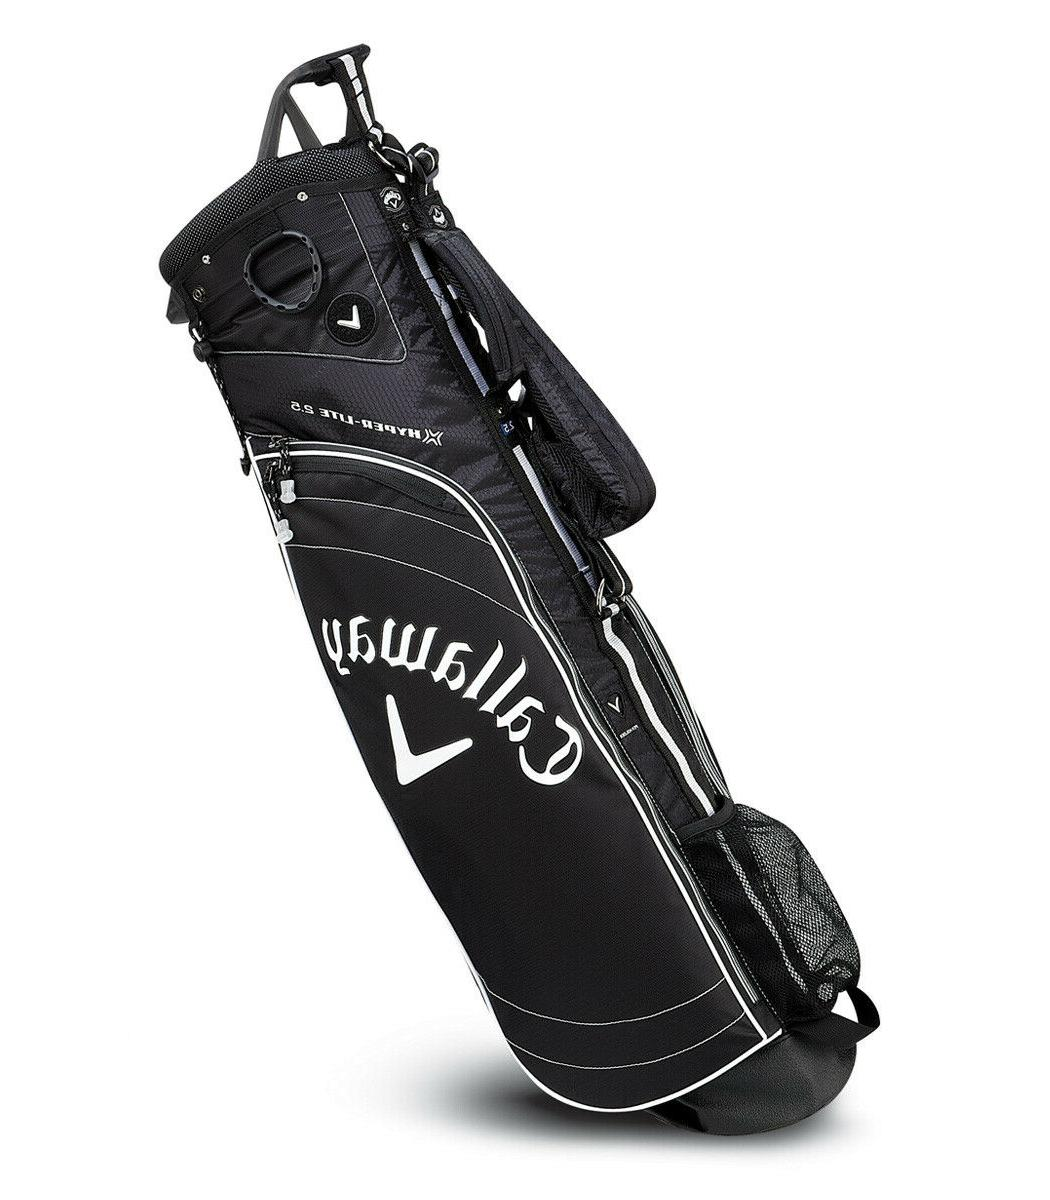 new golf hyper lite 2 5 carry